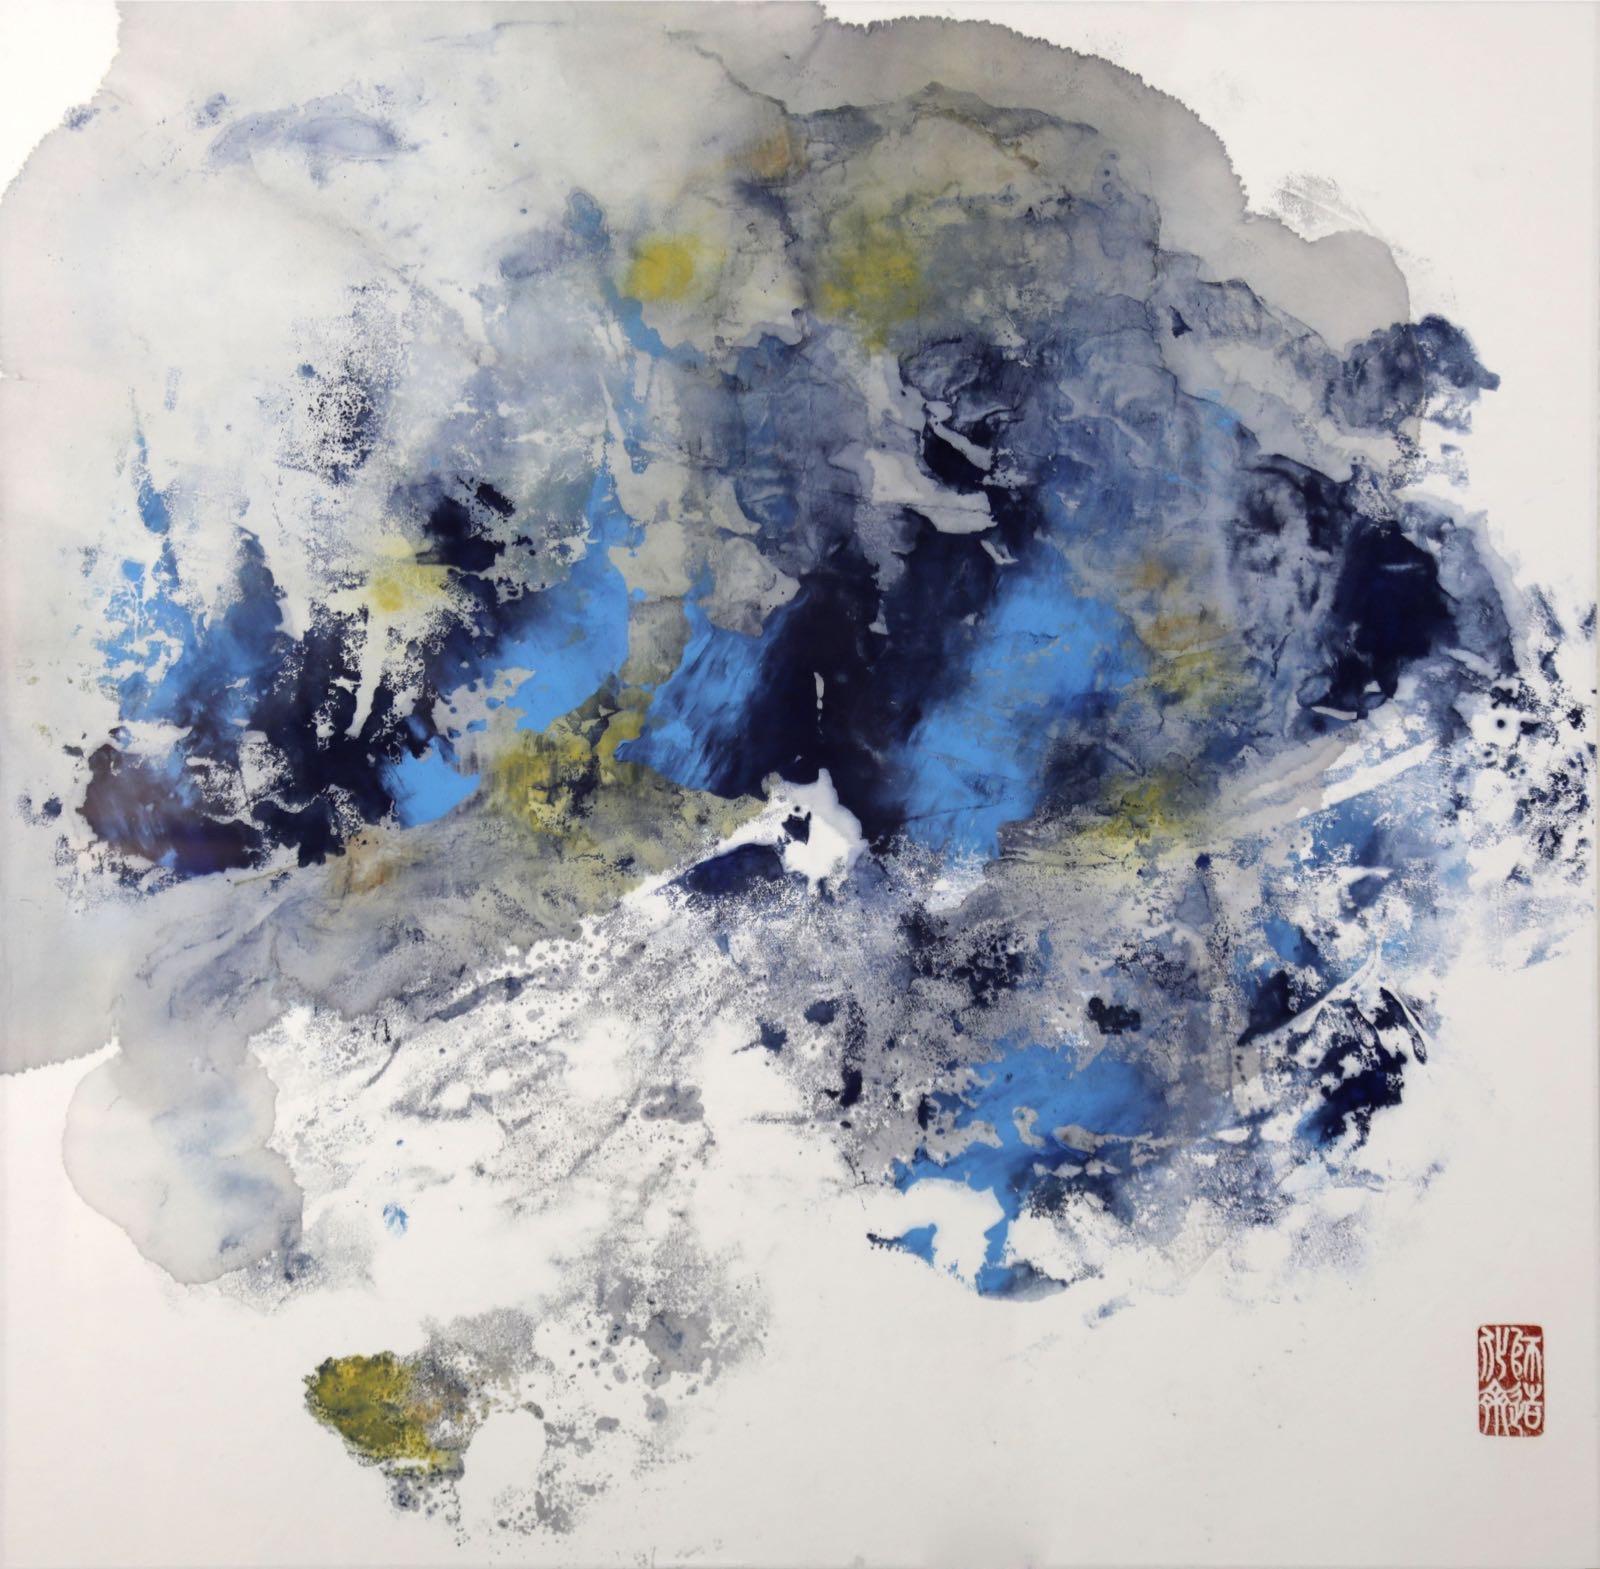 HM - Chun-Hui Yu - Beyond Form